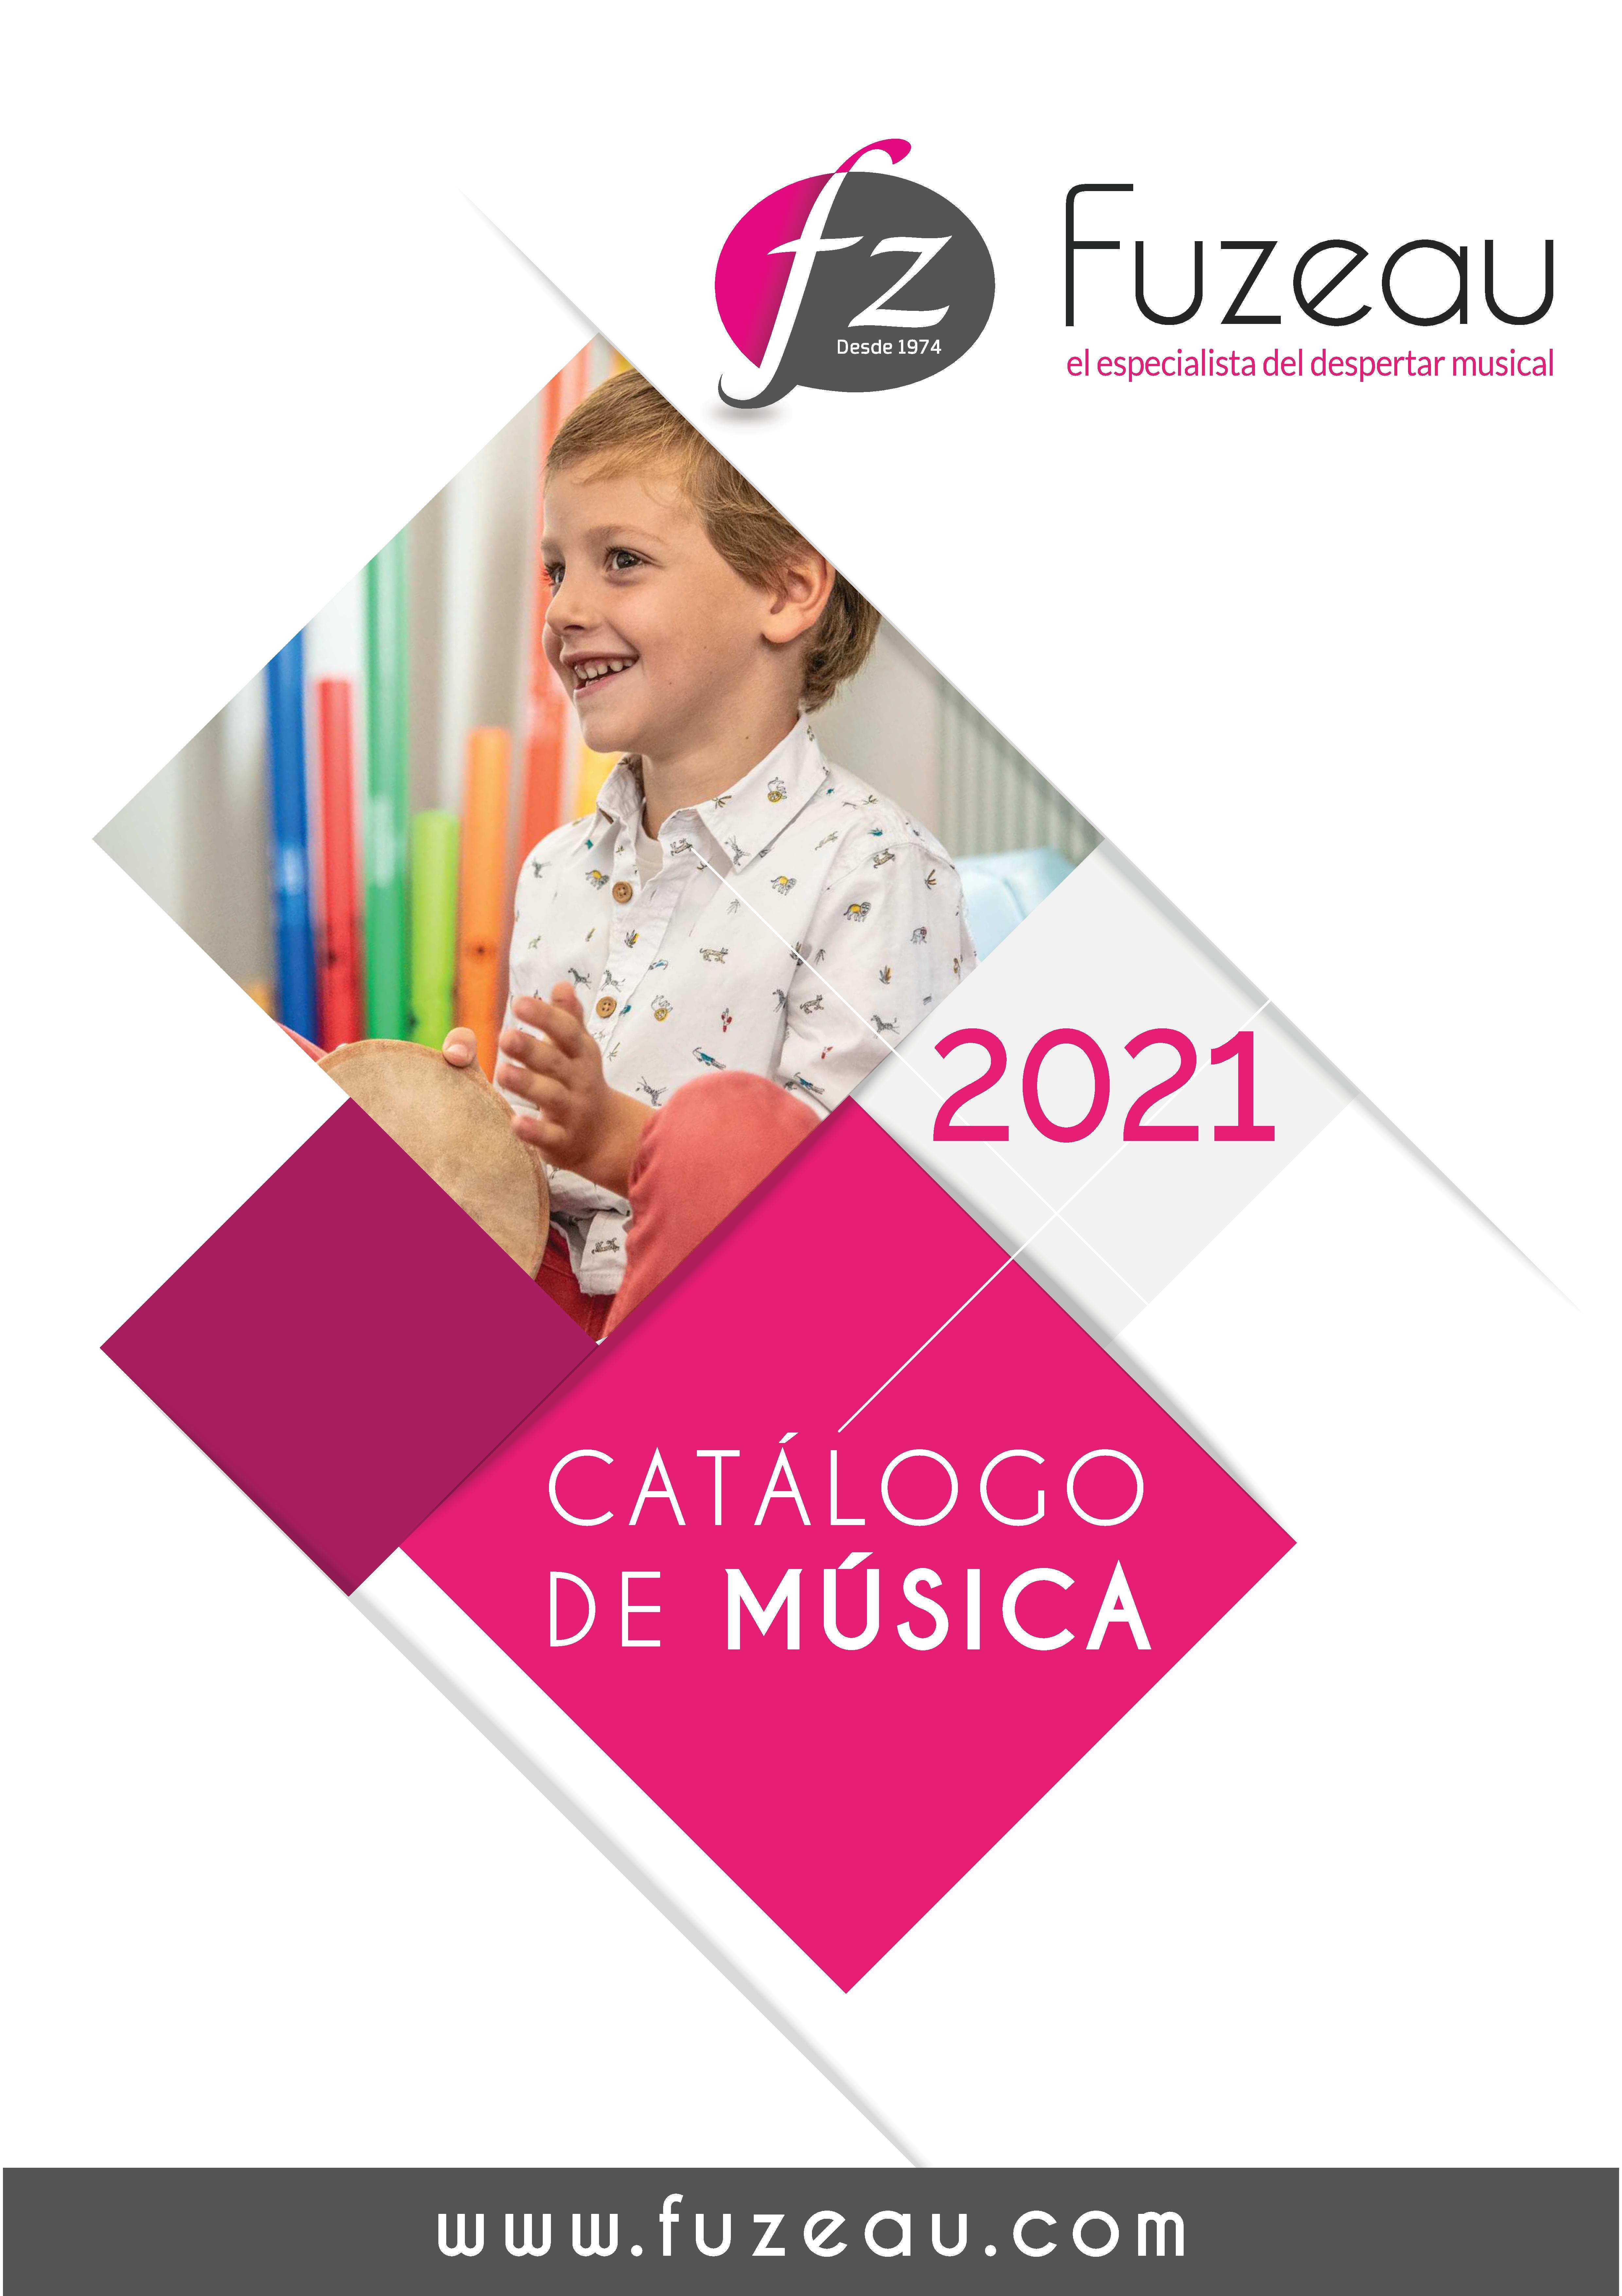 COUVERTURE CATALOGUE ESPAGNOL 2021